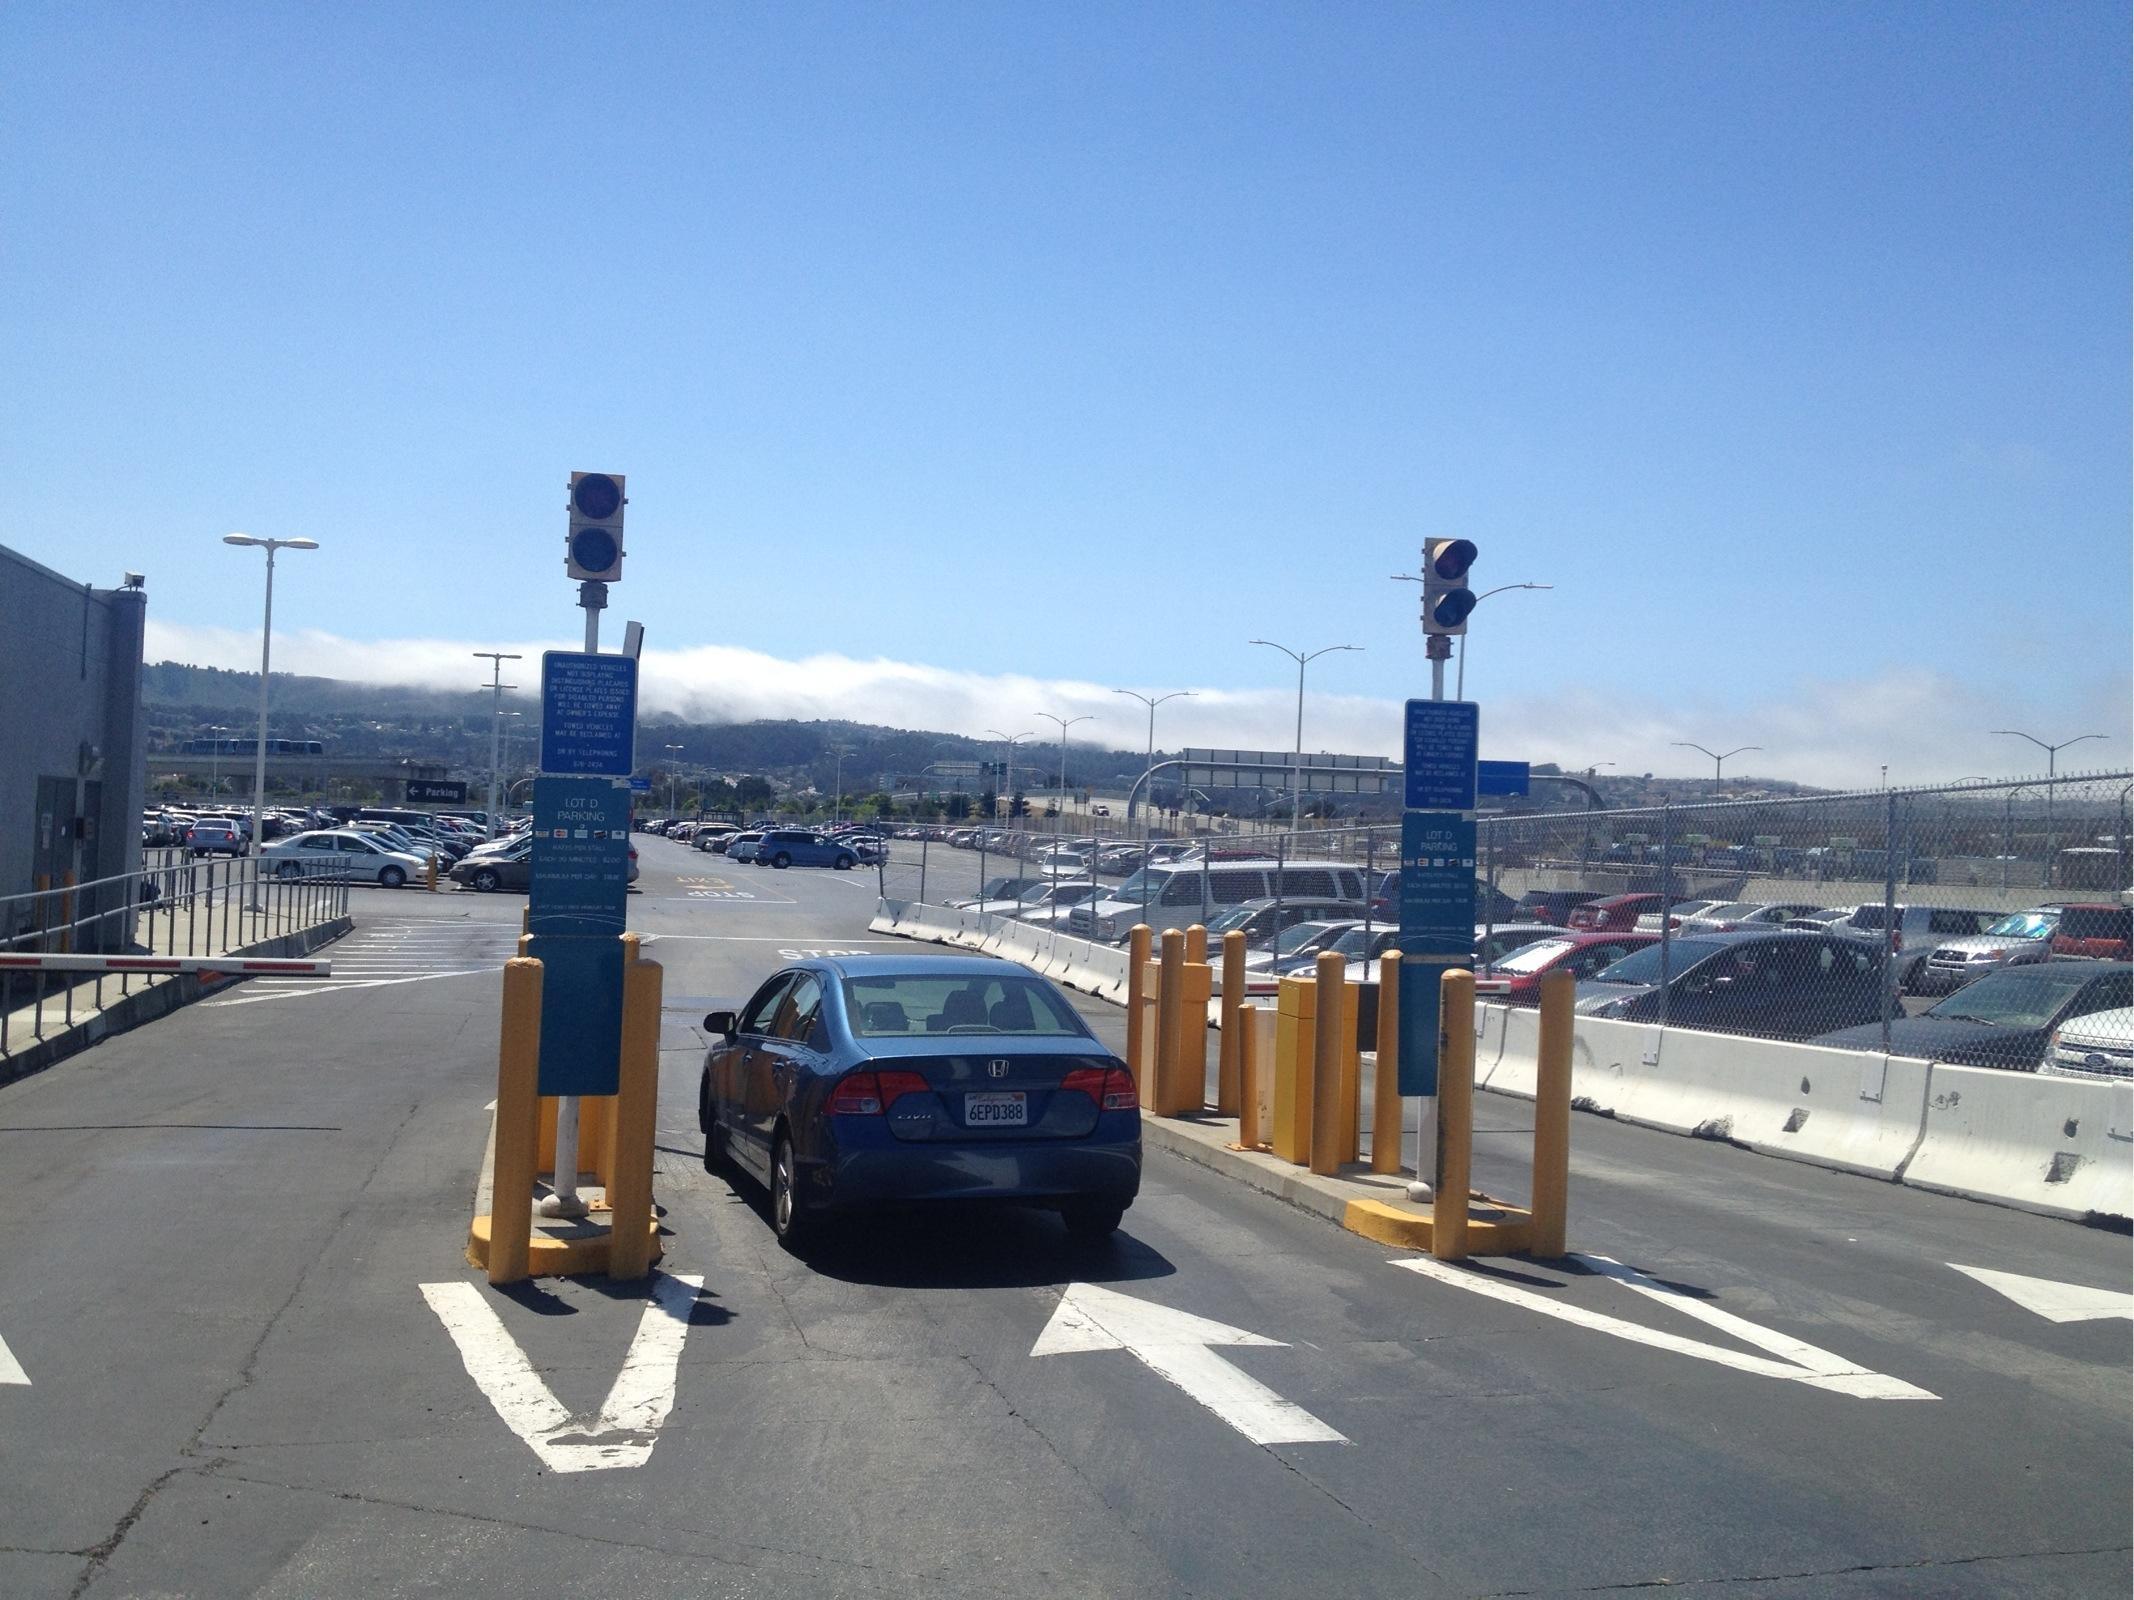 Sfo Lot D Parking In San Francisco Parkme